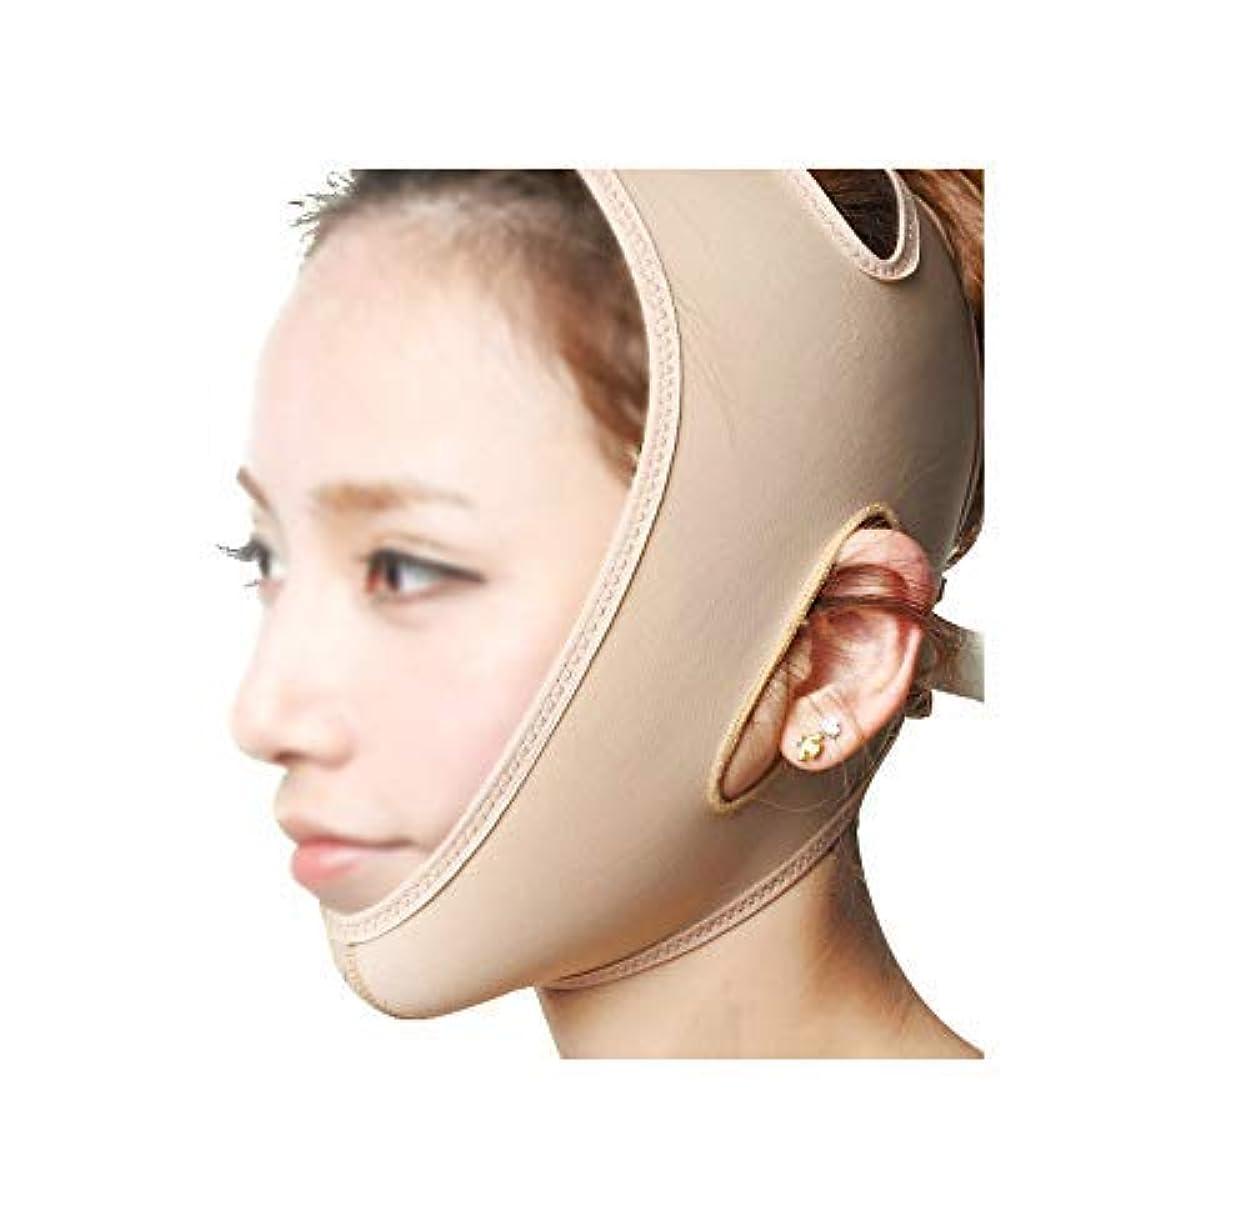 フローティングリマグリースフェイスリフティングバンデージ、フェイスマスク3Dパネルデザイン、通気性に優れたライクラ素材の物理的なVフェイス、美しい顔の輪郭の作成(サイズ:S),M